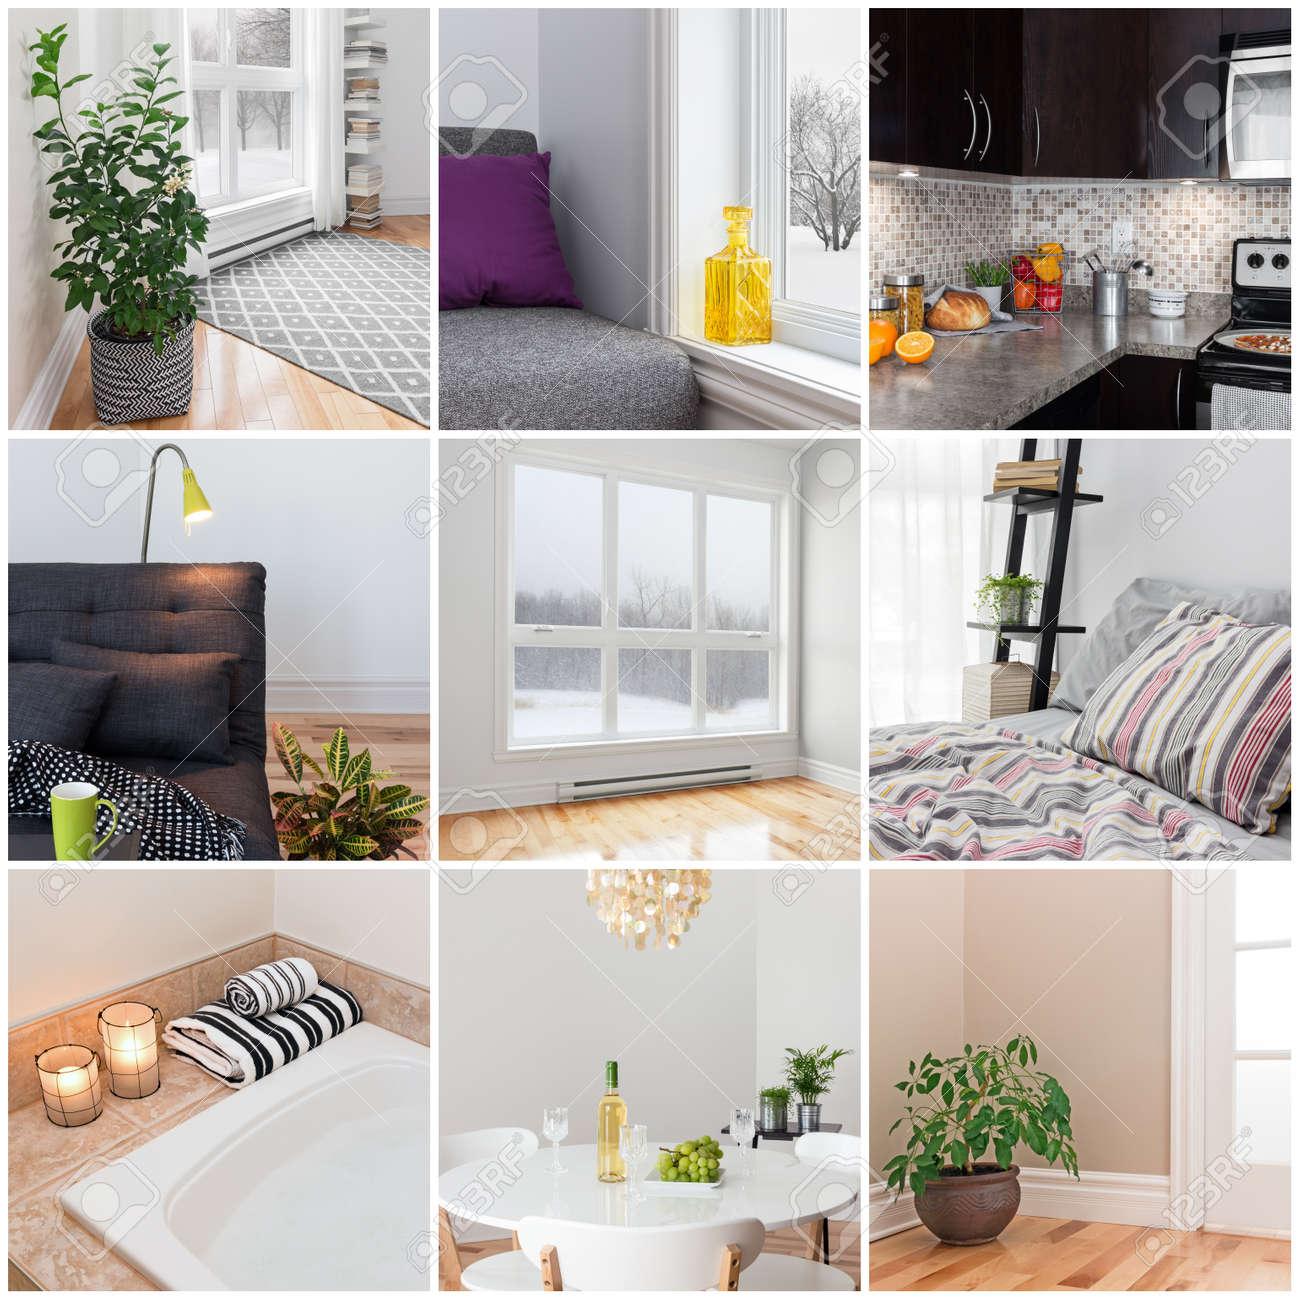 Moderne woning woonkamer, eetkamer, slaapkamer, keuken, badkamer ...